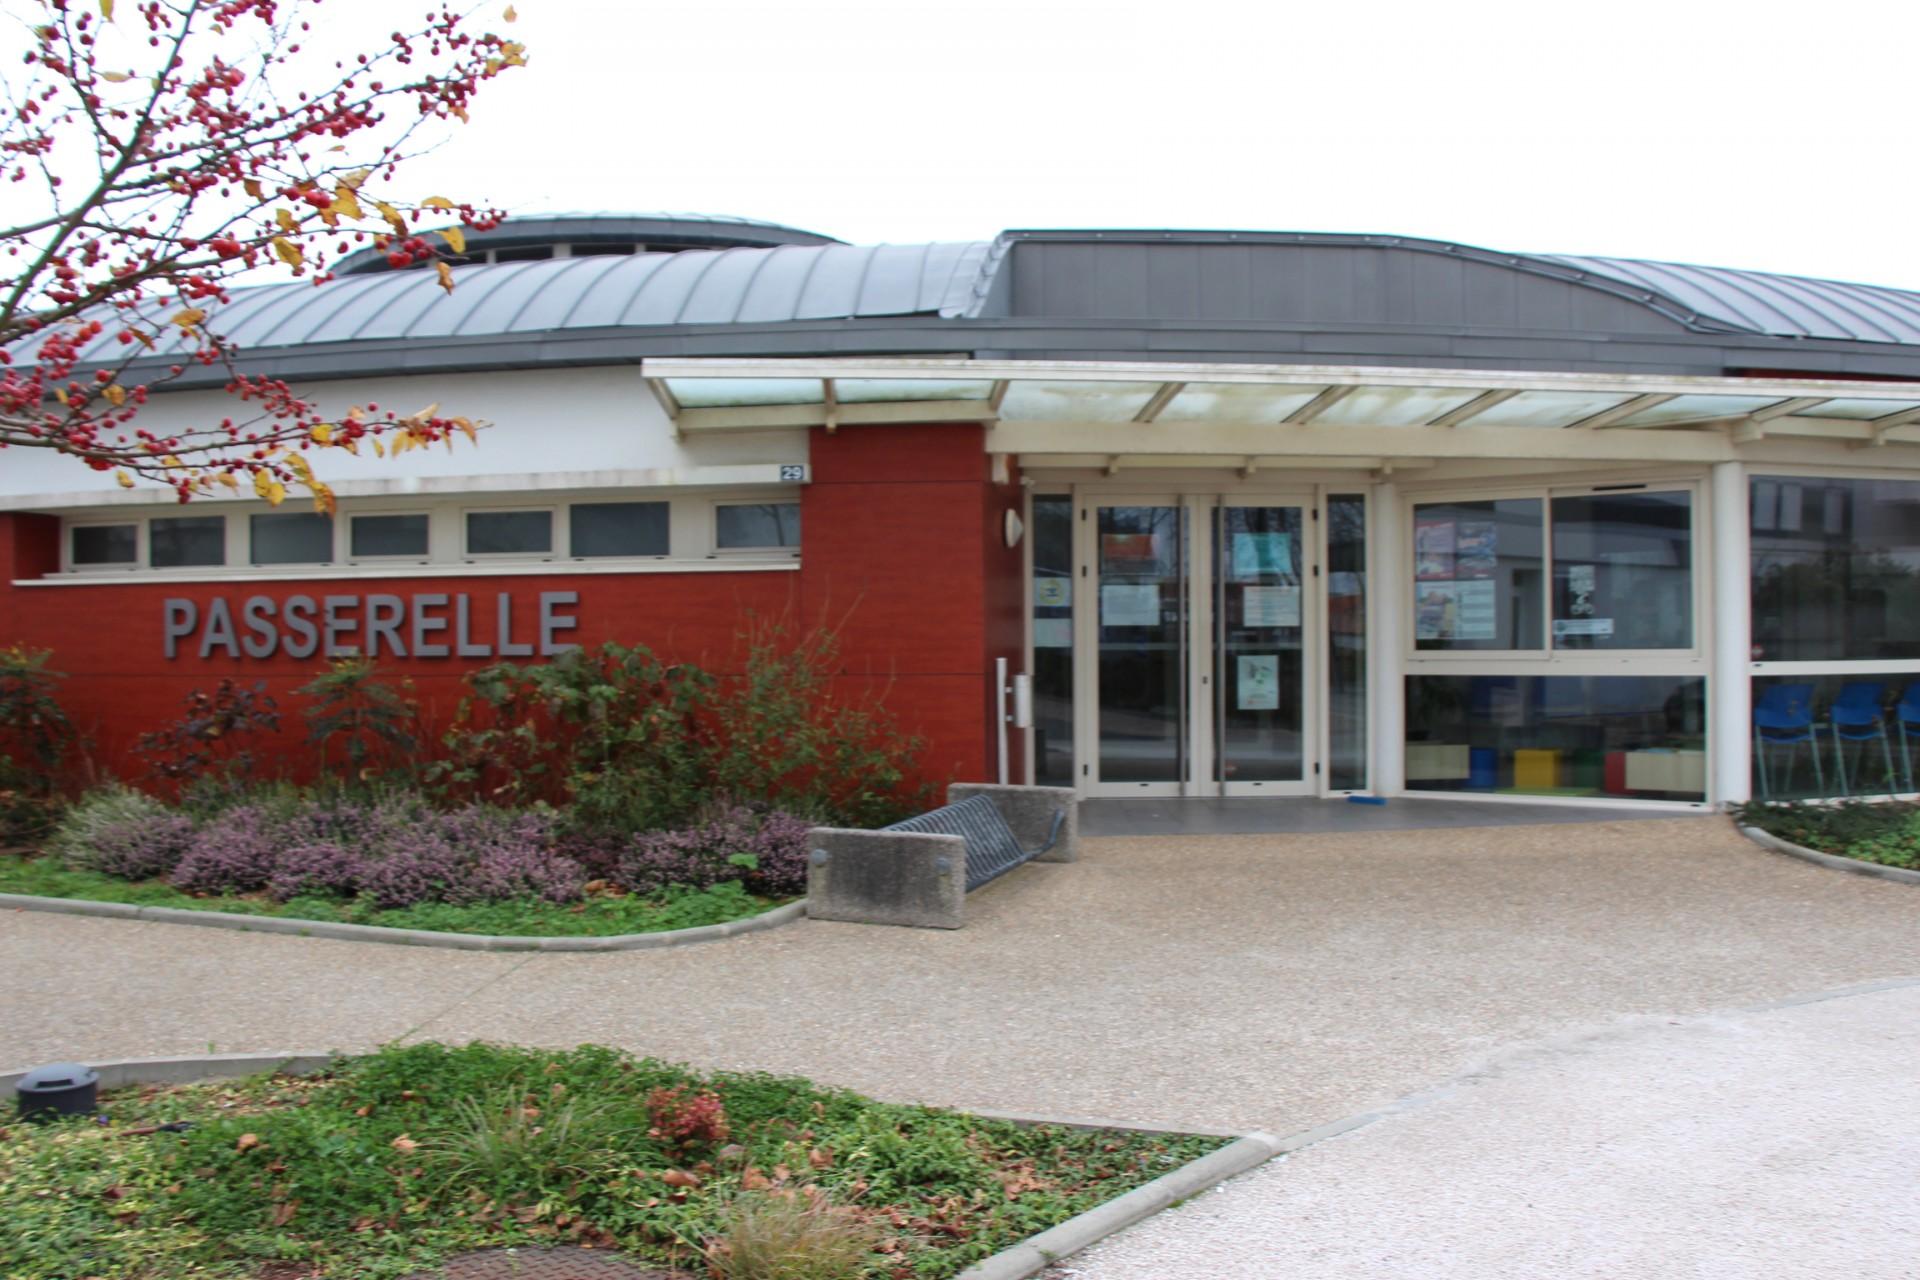 La Passerelle sociale - Saint-Jean-de-Monts